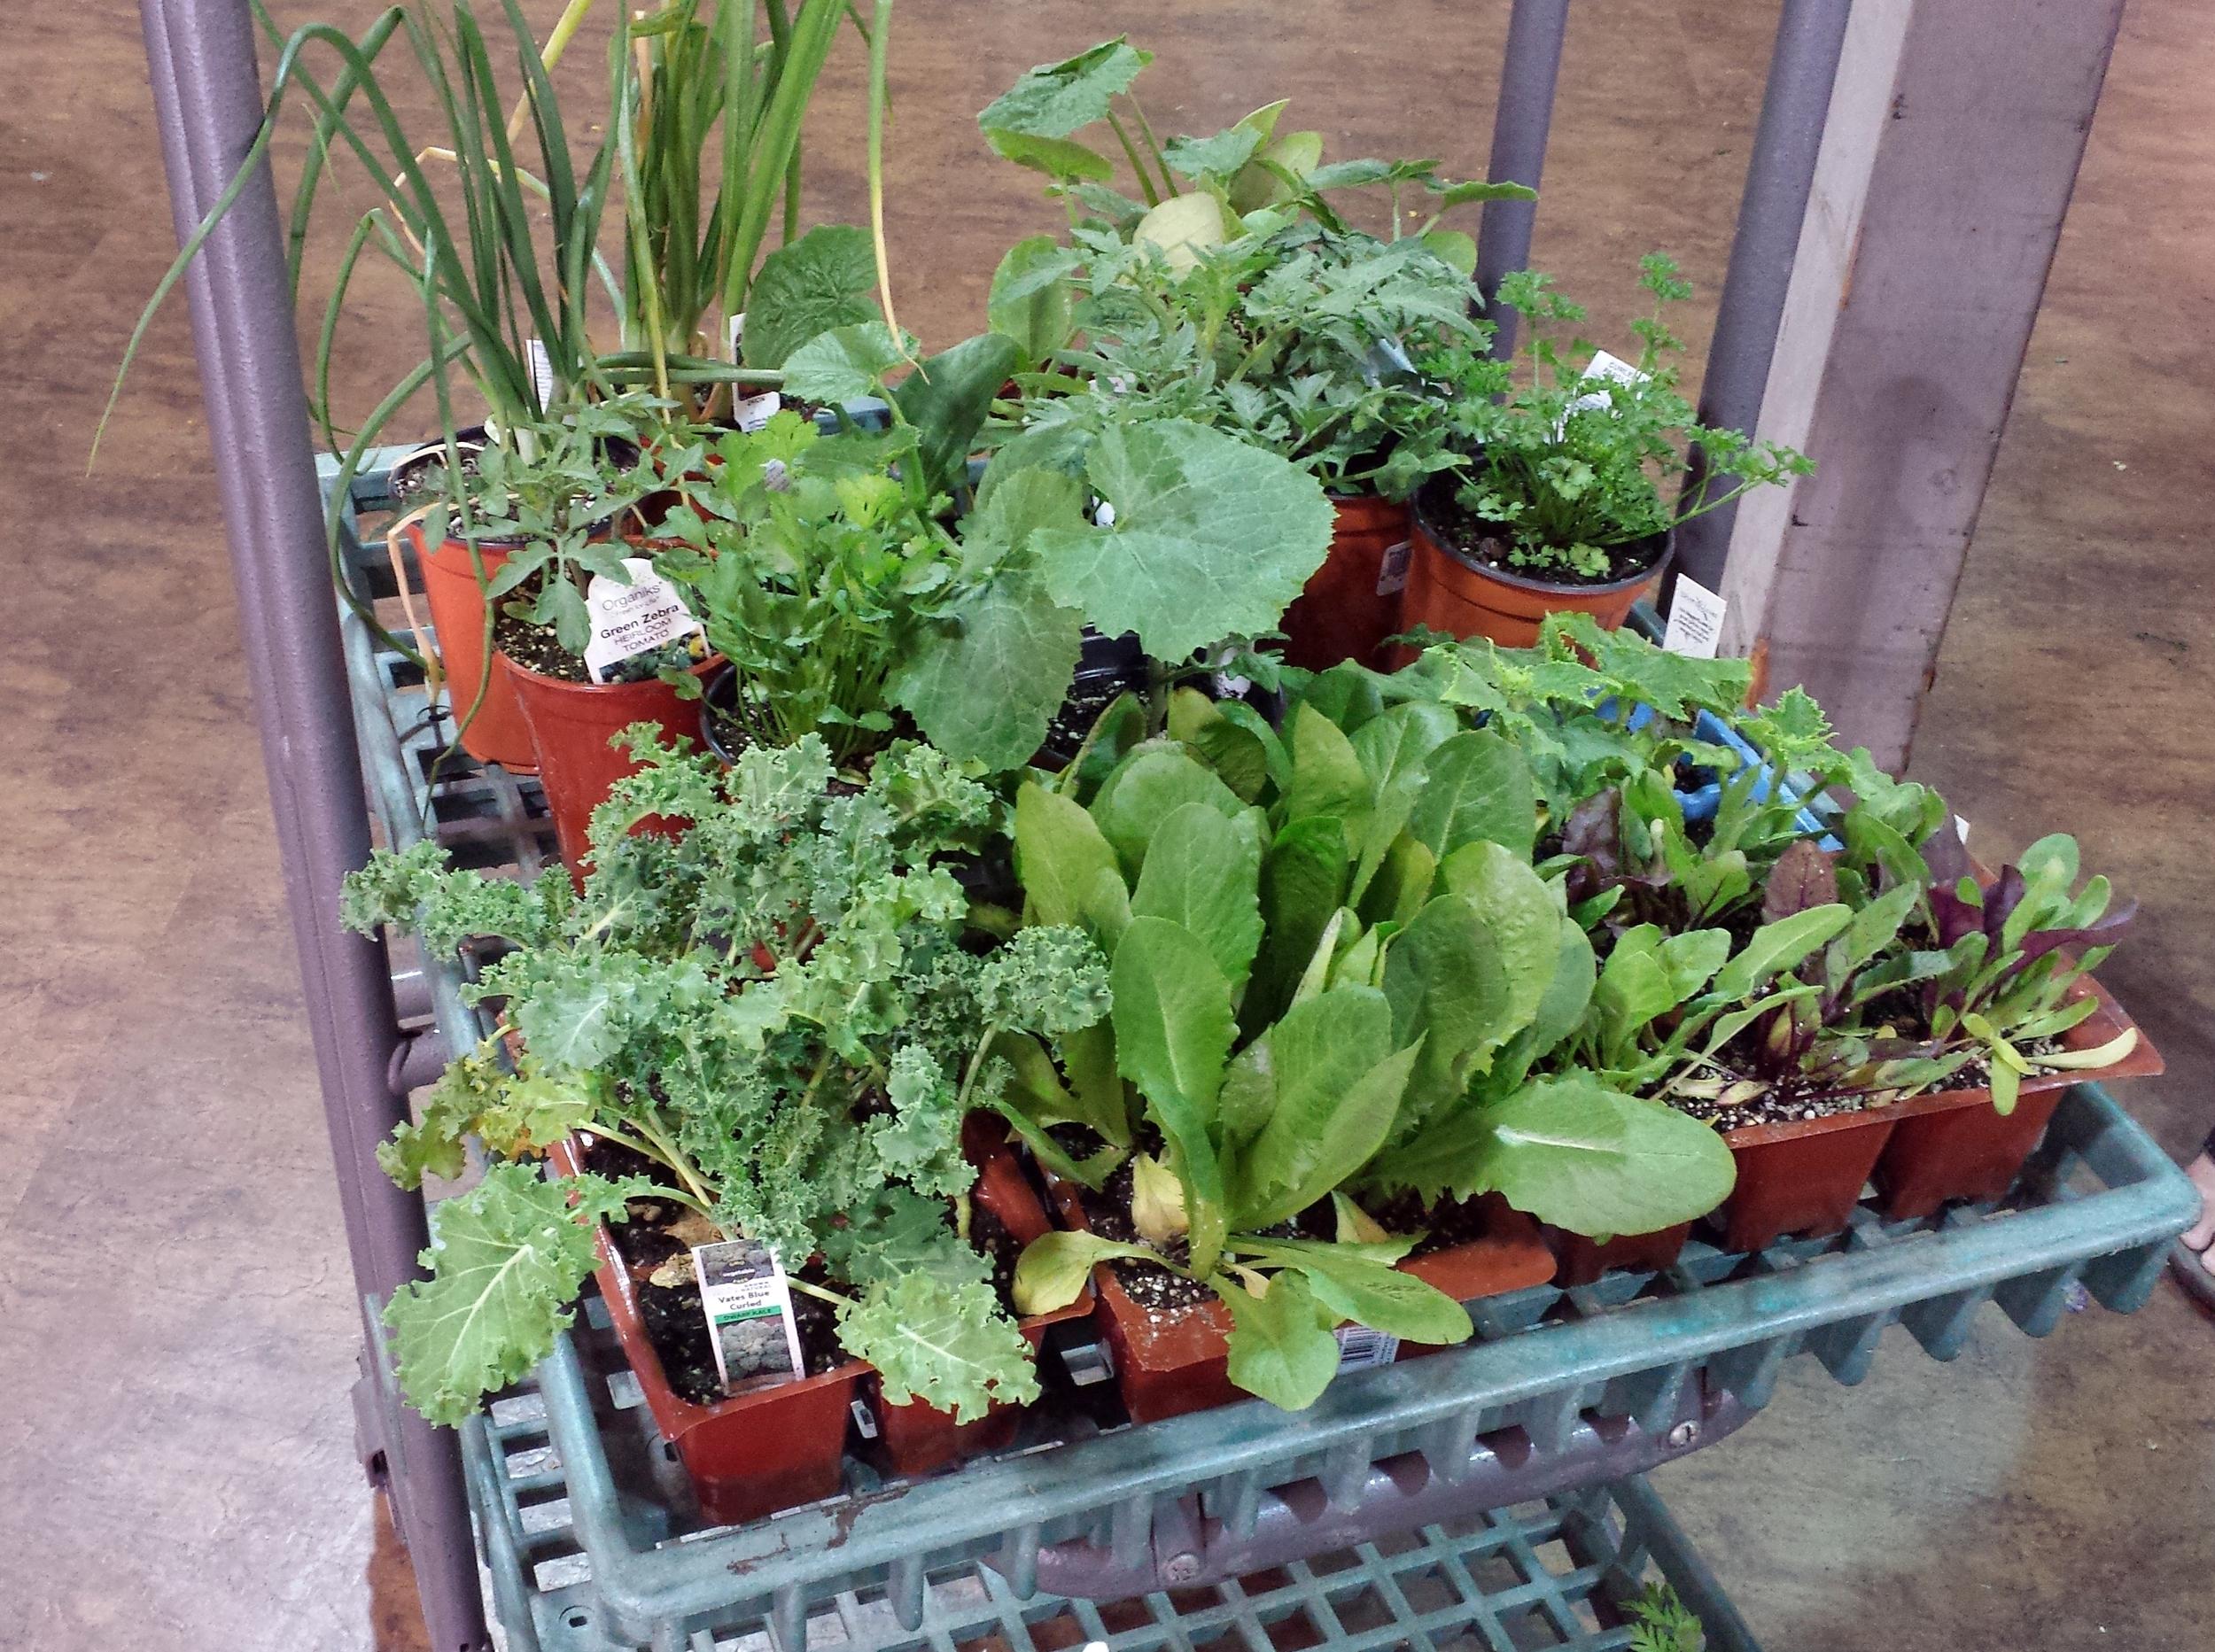 Preparing for a new vegetable garden